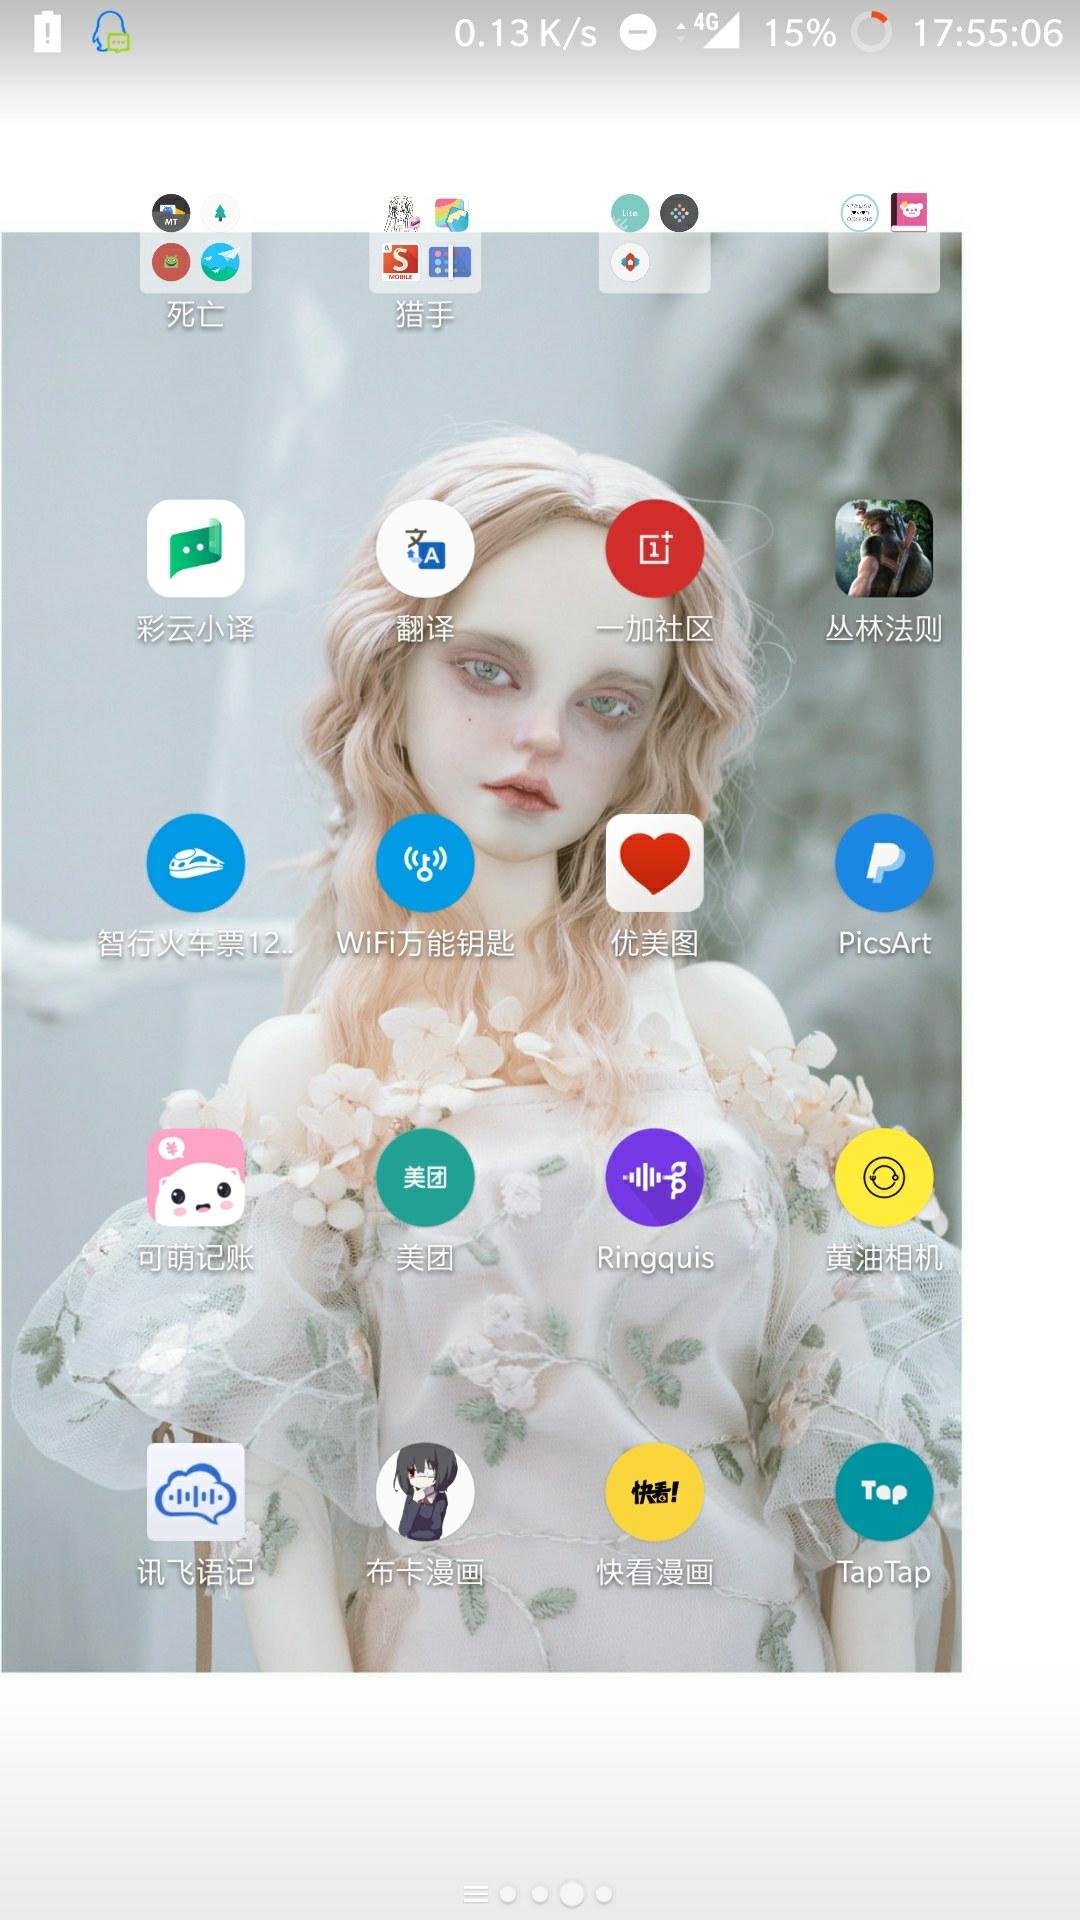 为什么两个页面图标大小不一样了 OnePlus 3T 一加手机社区官方论坛图片